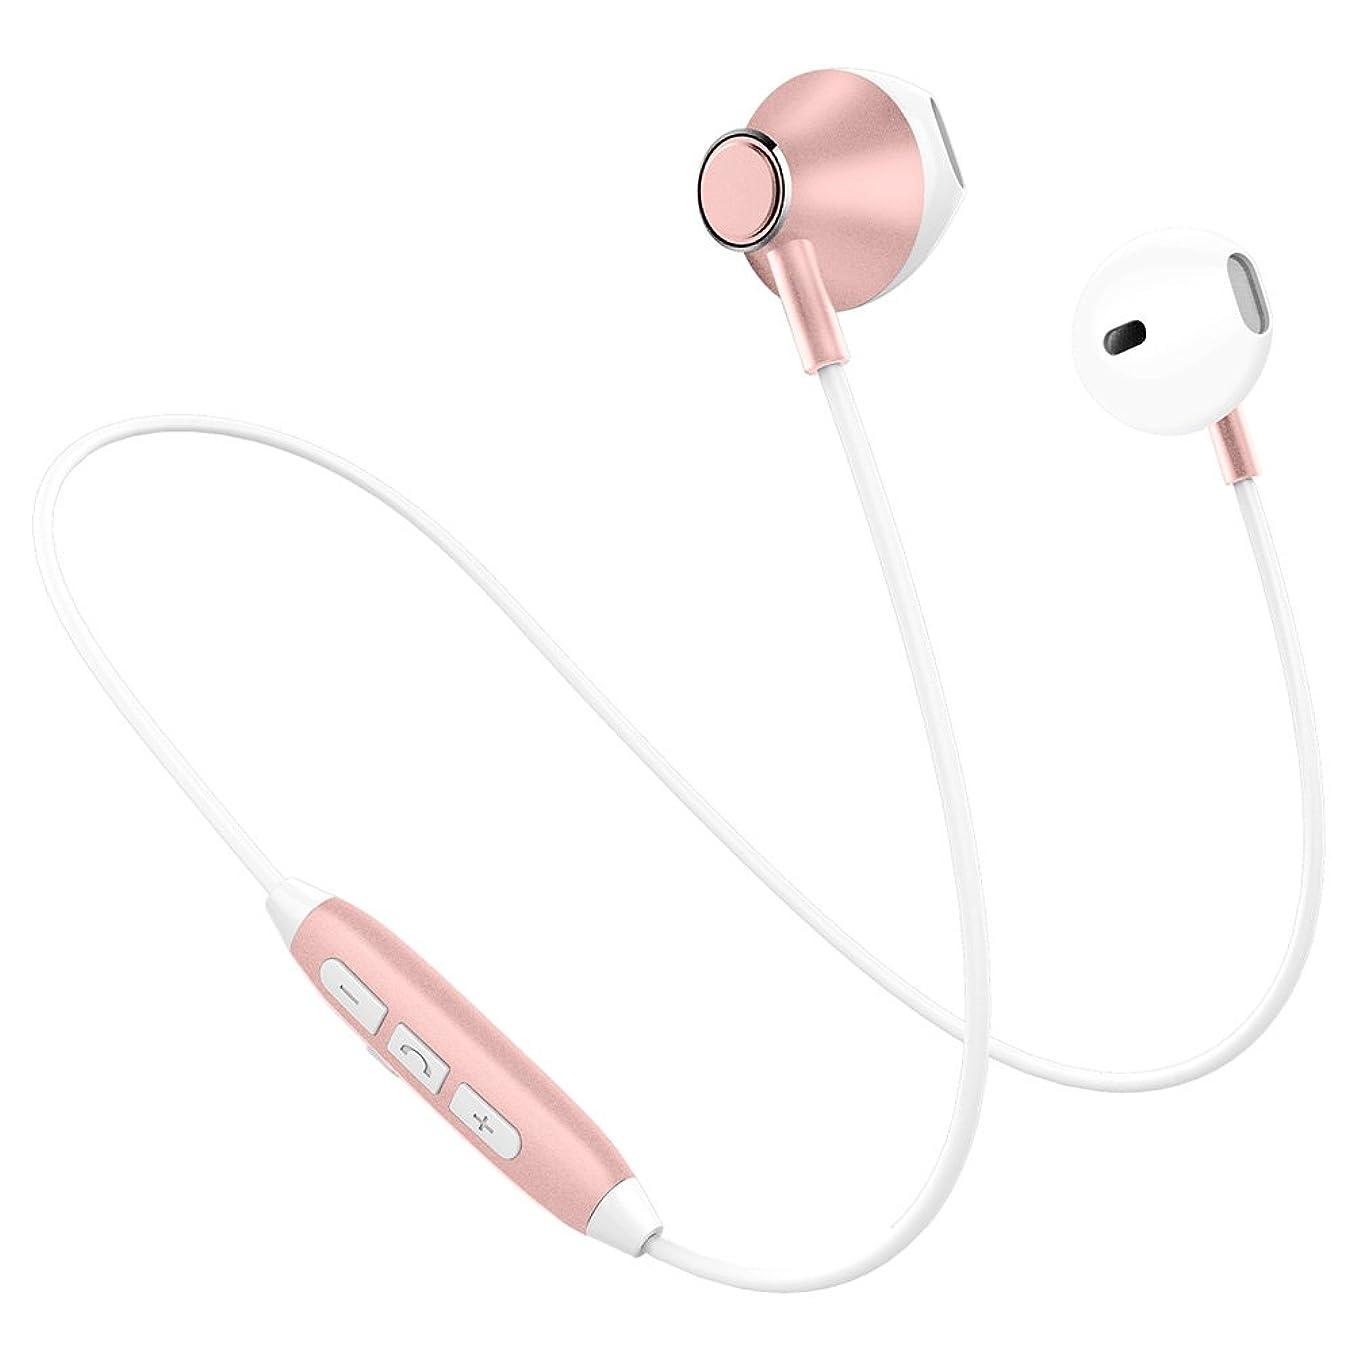 領収書海岸各Picun H2 Bluetooth イヤホン 高音質 スマホ二台接続支持 IPX4防水防汗 ノイズキャンセリング マグネット搭載 イヤフォン リモコン マイク付き ブルートゥース イヤホン Bluetooth4.1 ワイヤレス イヤホン Phone Android対応 (ローズゴールド)